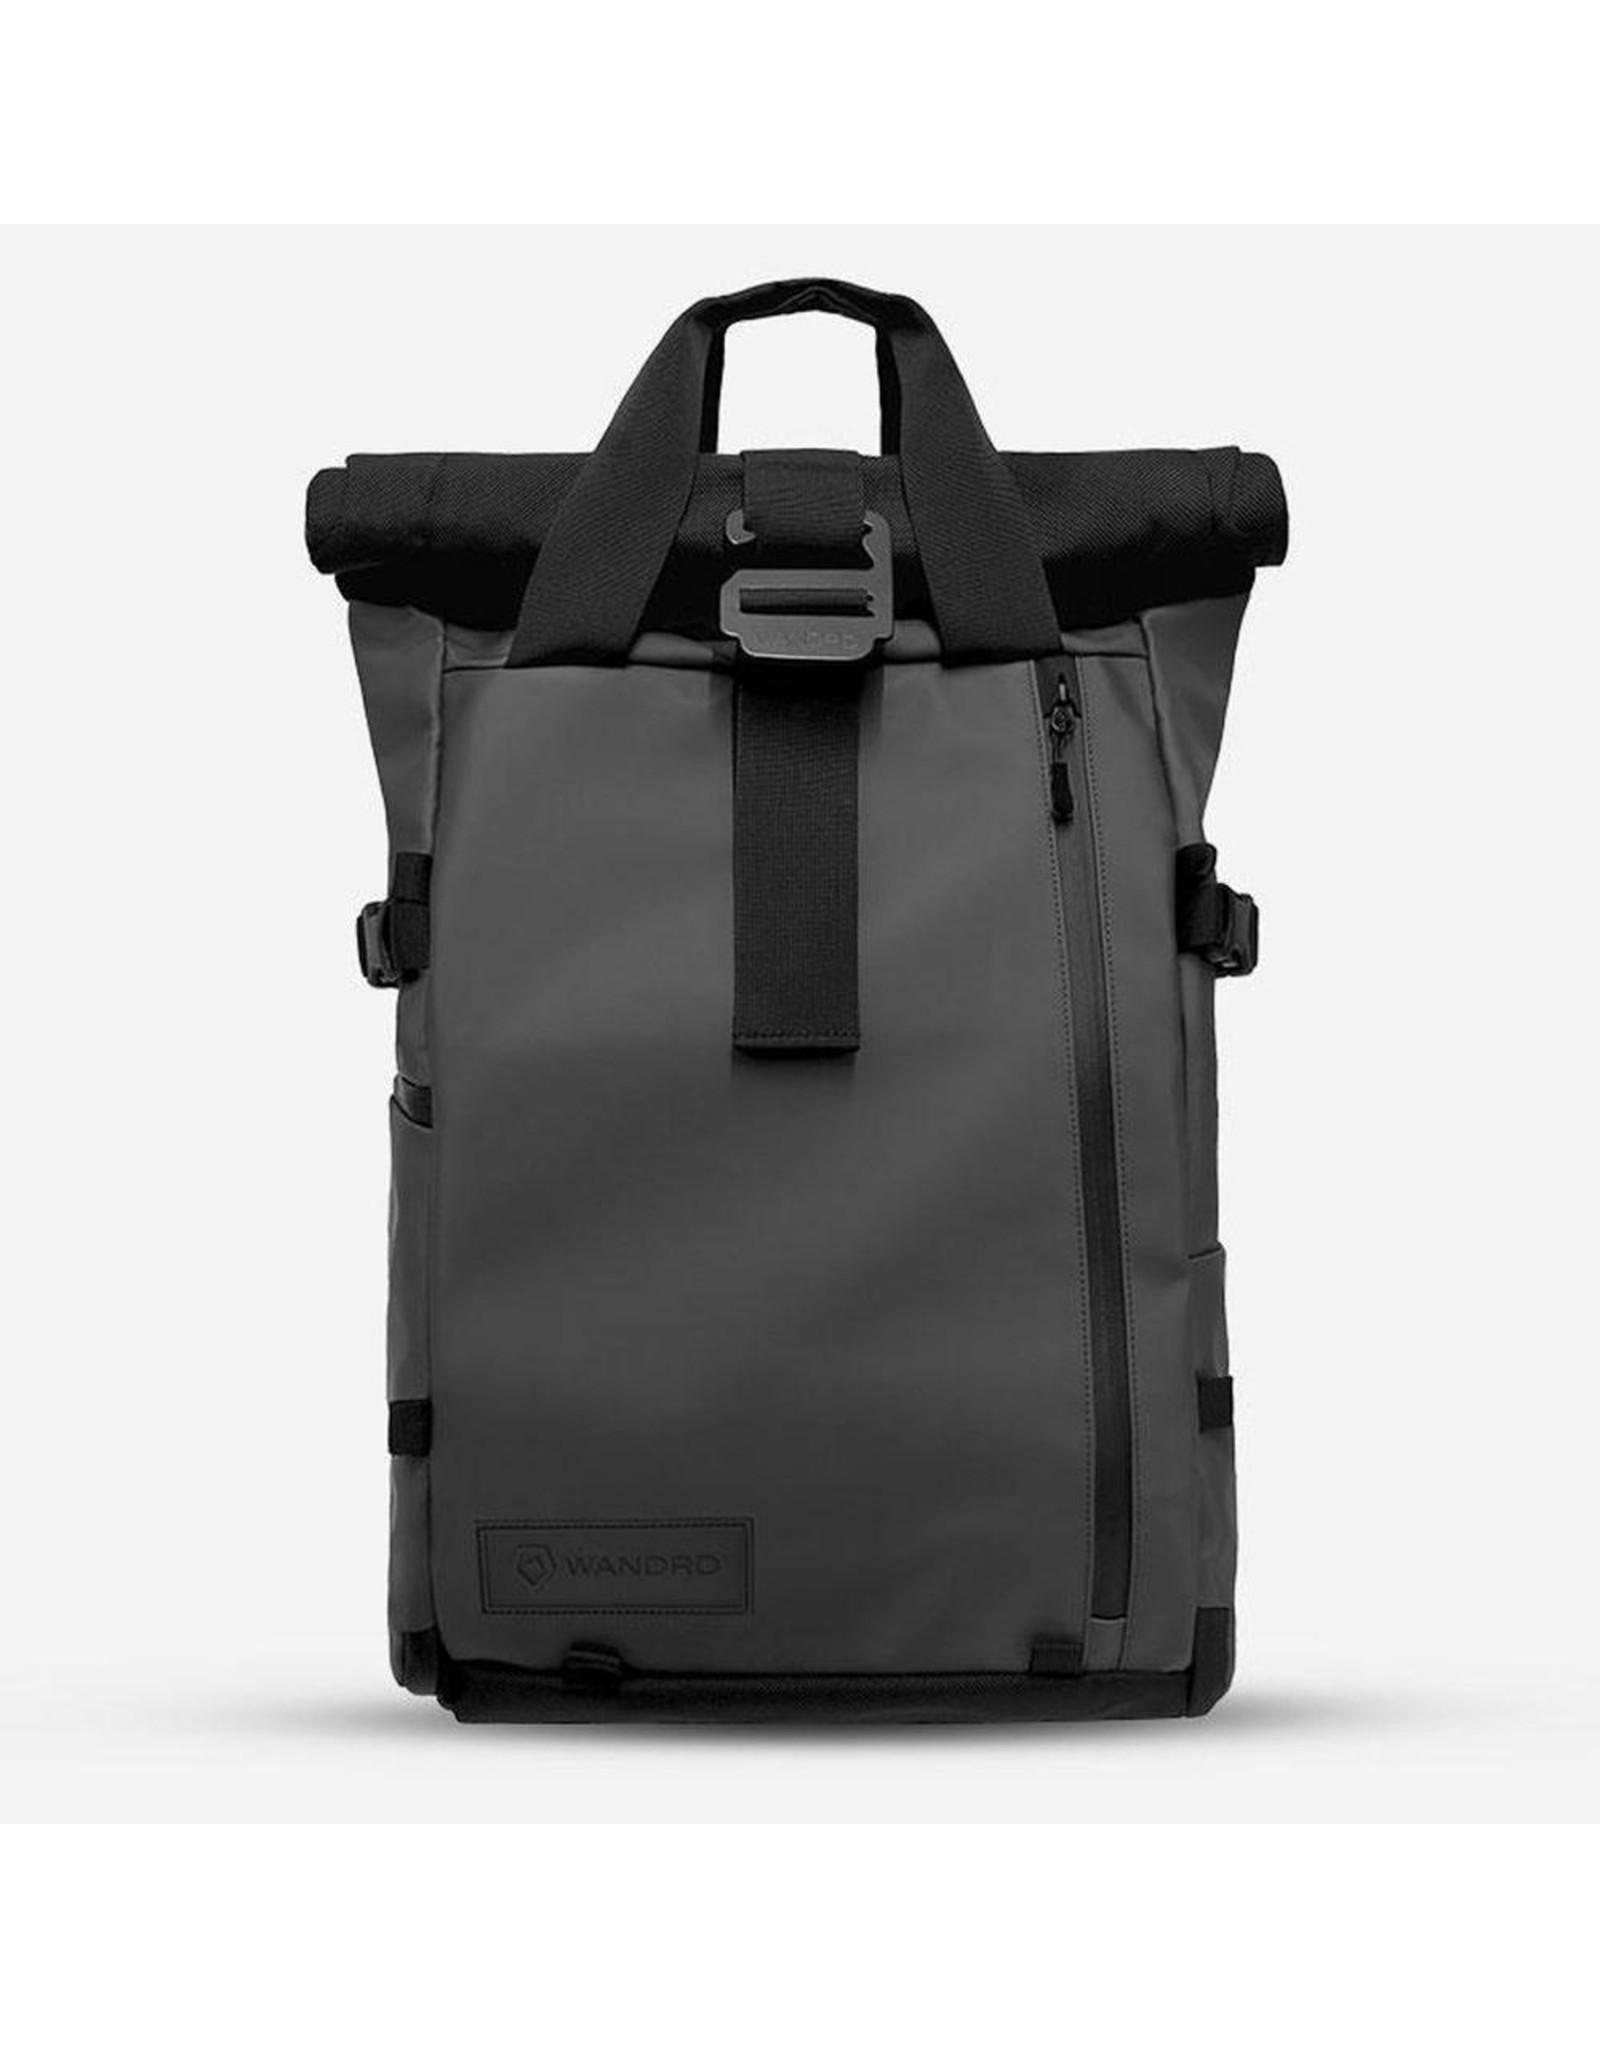 Wandrd Wandrd PRVKE 21L Backpack